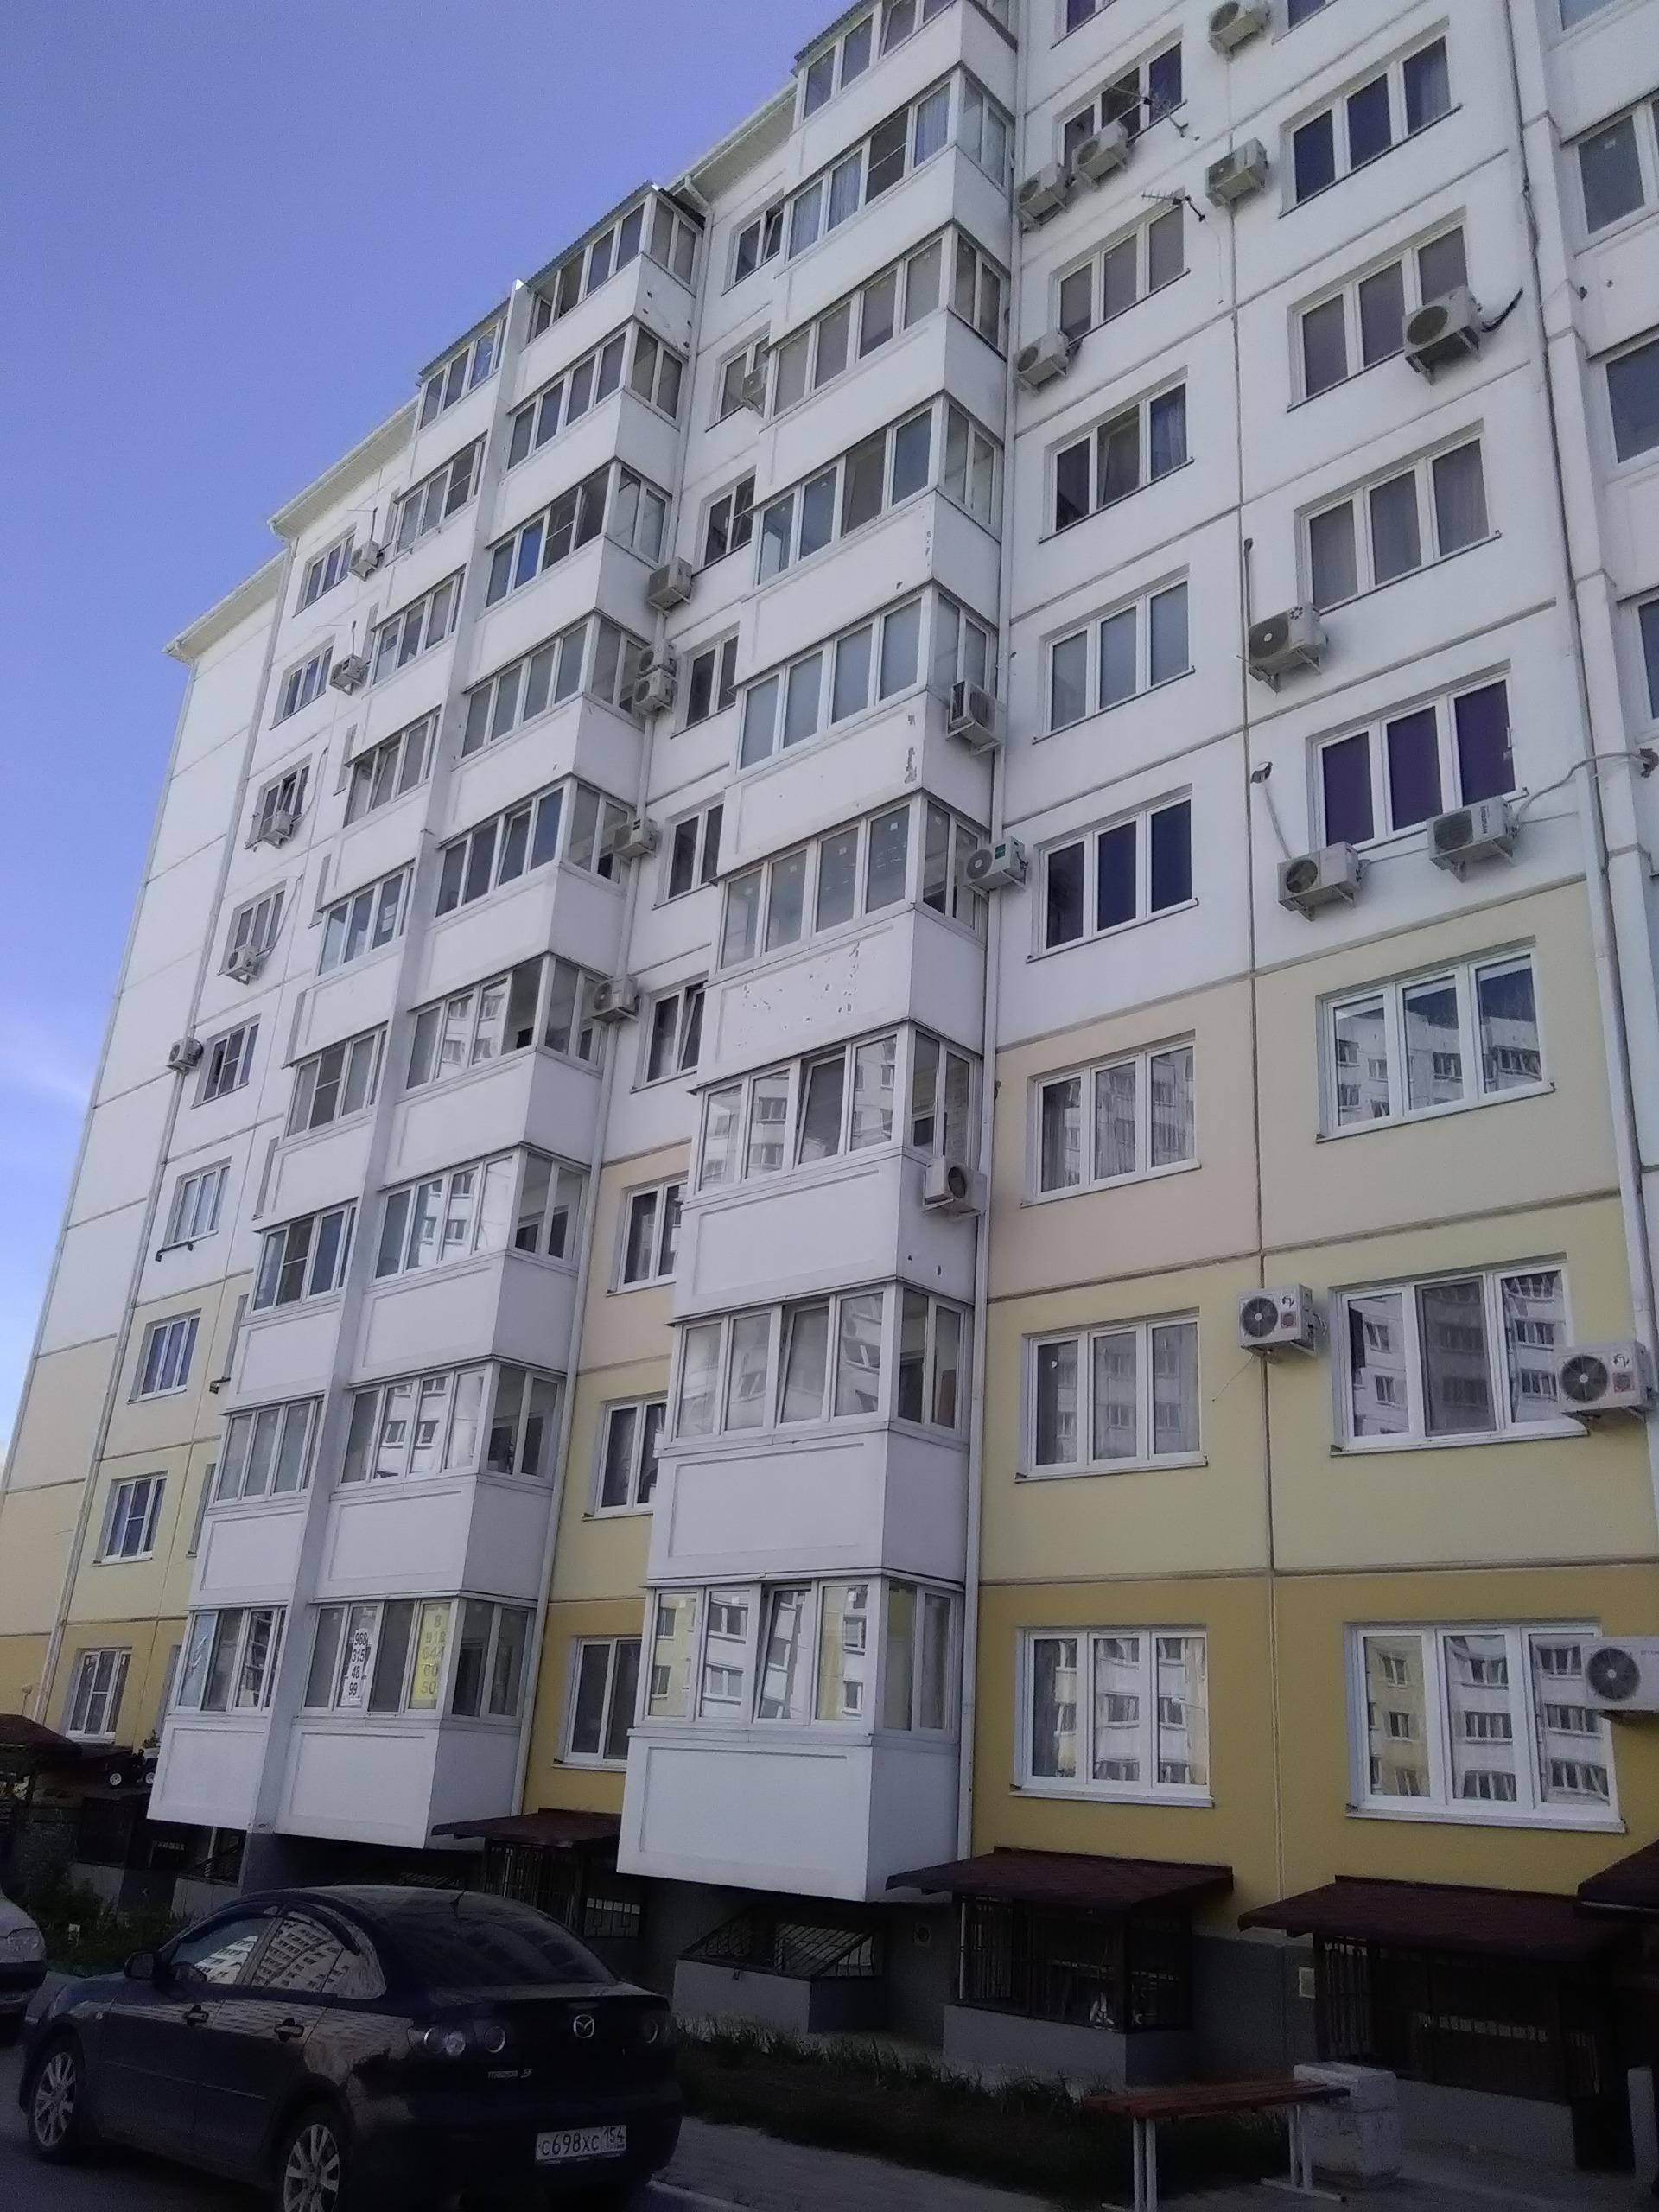 Коммерческая недвижимость г.анапе аренда офиса от собственника на щепкина